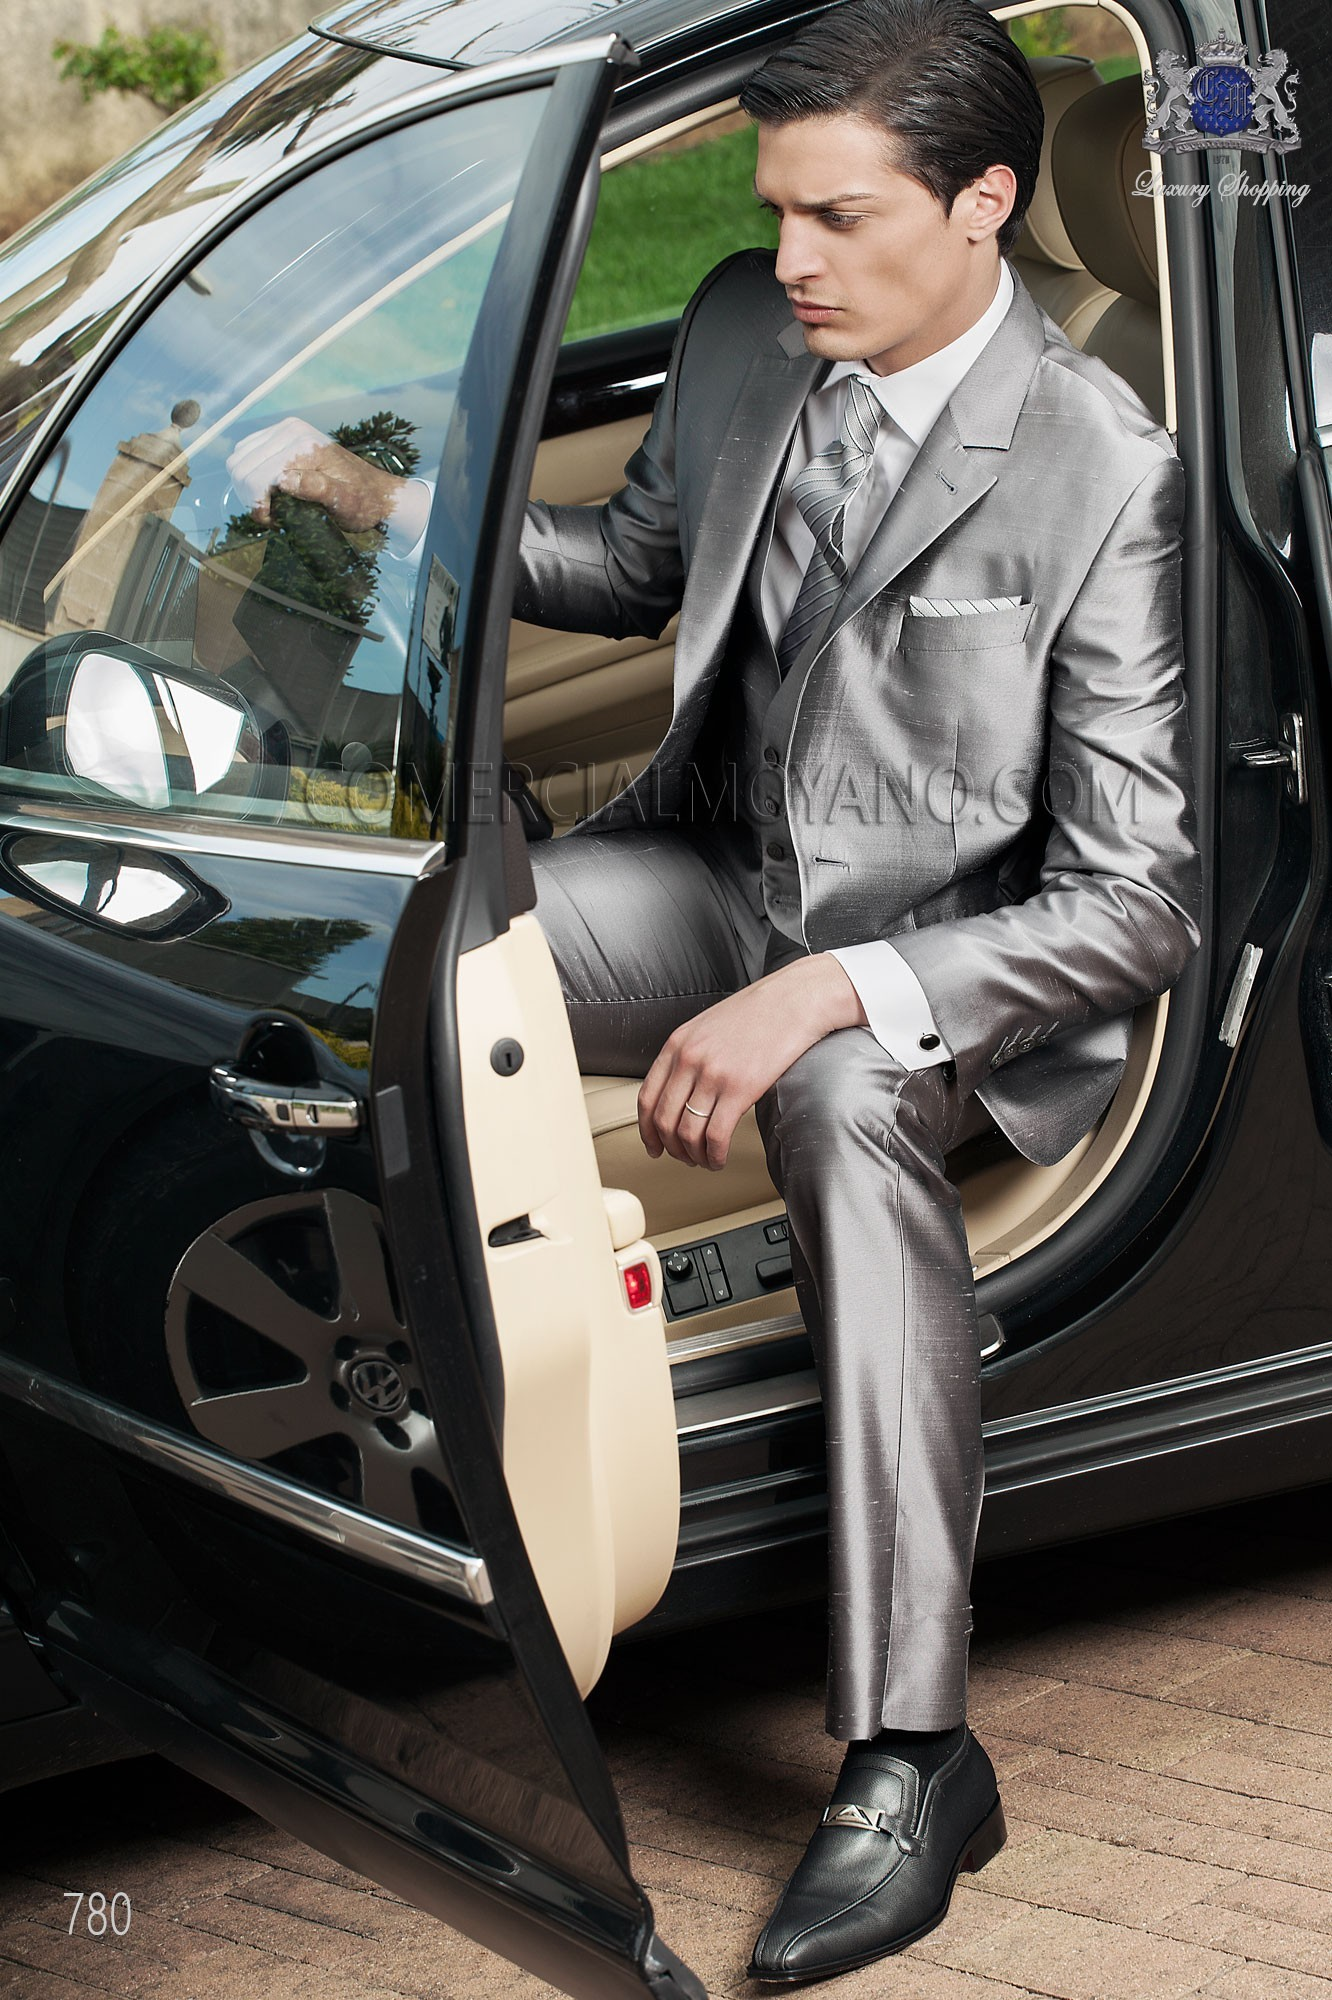 Fashion gray men wedding suit model 780 Ottavio Nuccio Gala